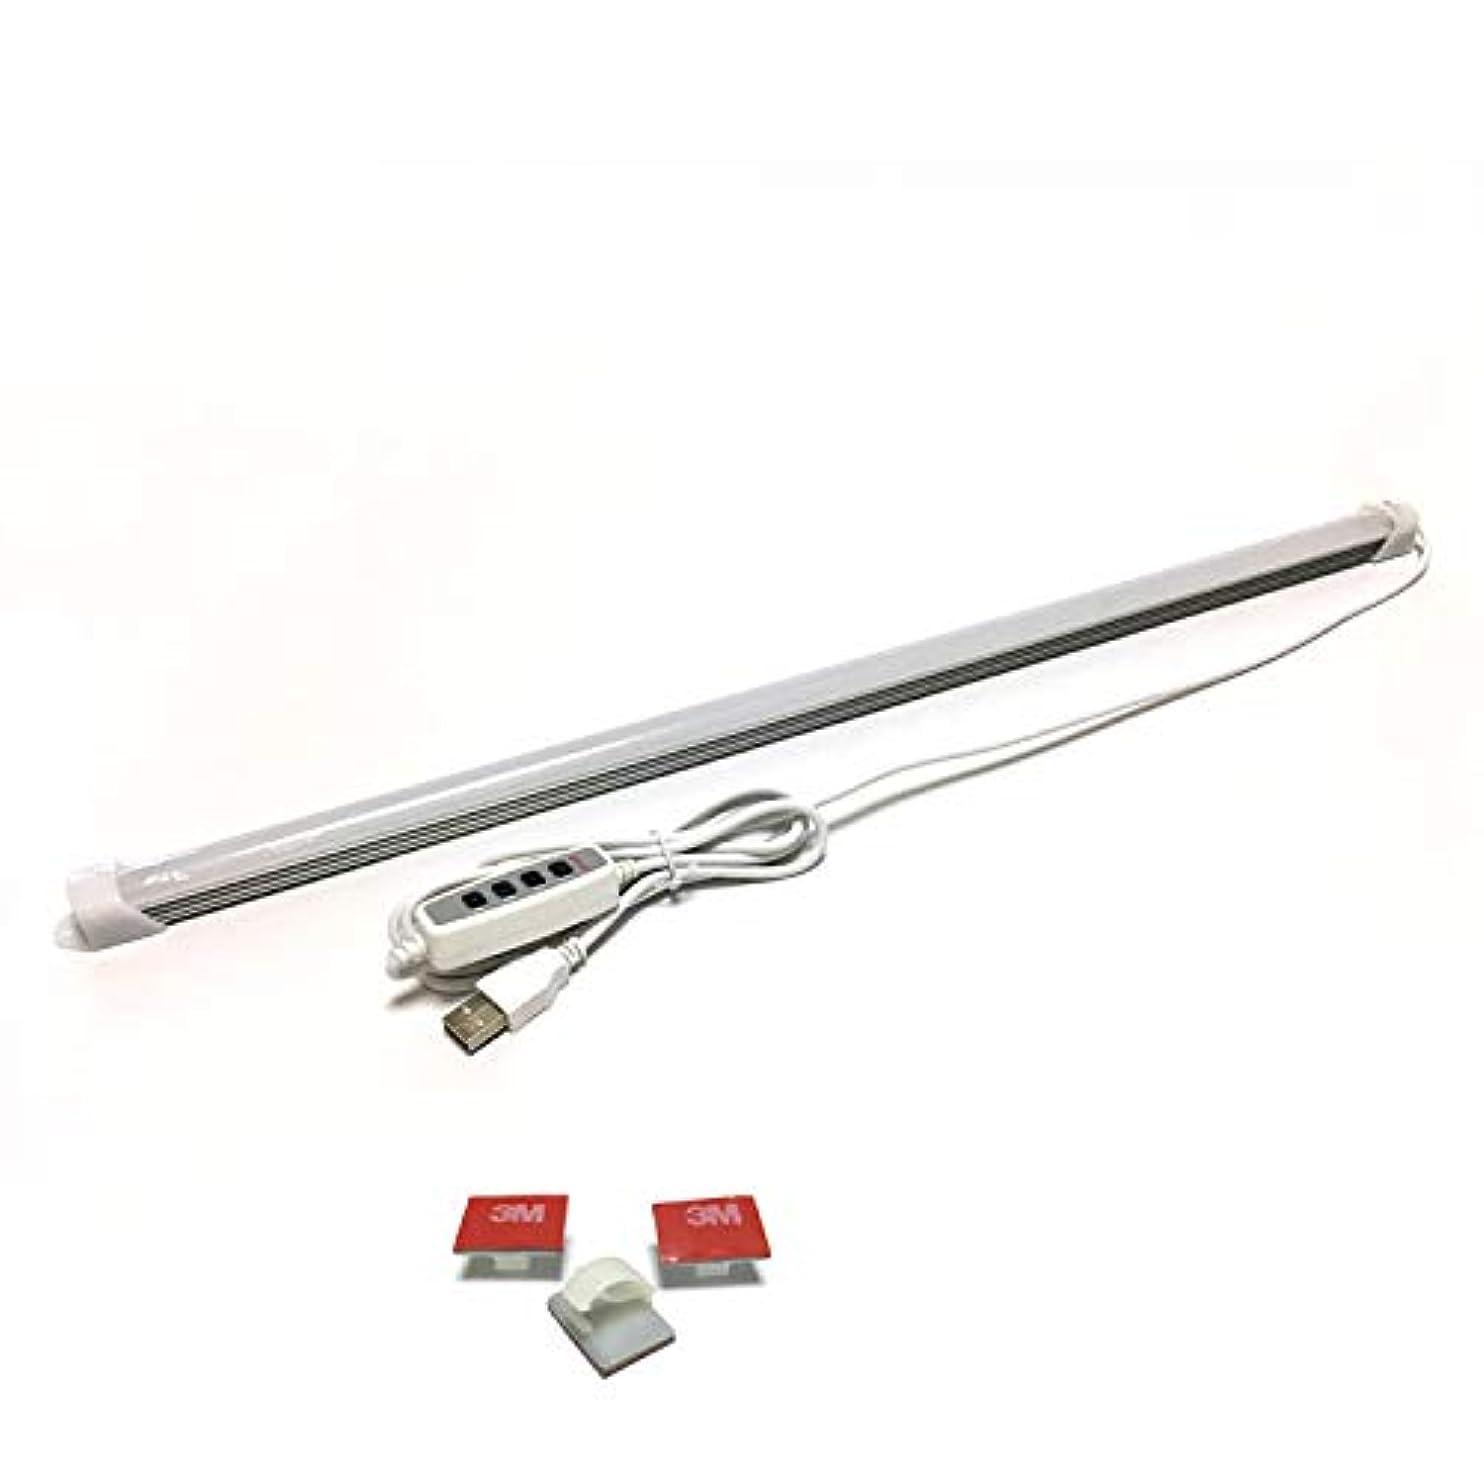 シャイ思想ワークショップ高輝度LEDバーライト (調色?調光タイプ) (52cm)